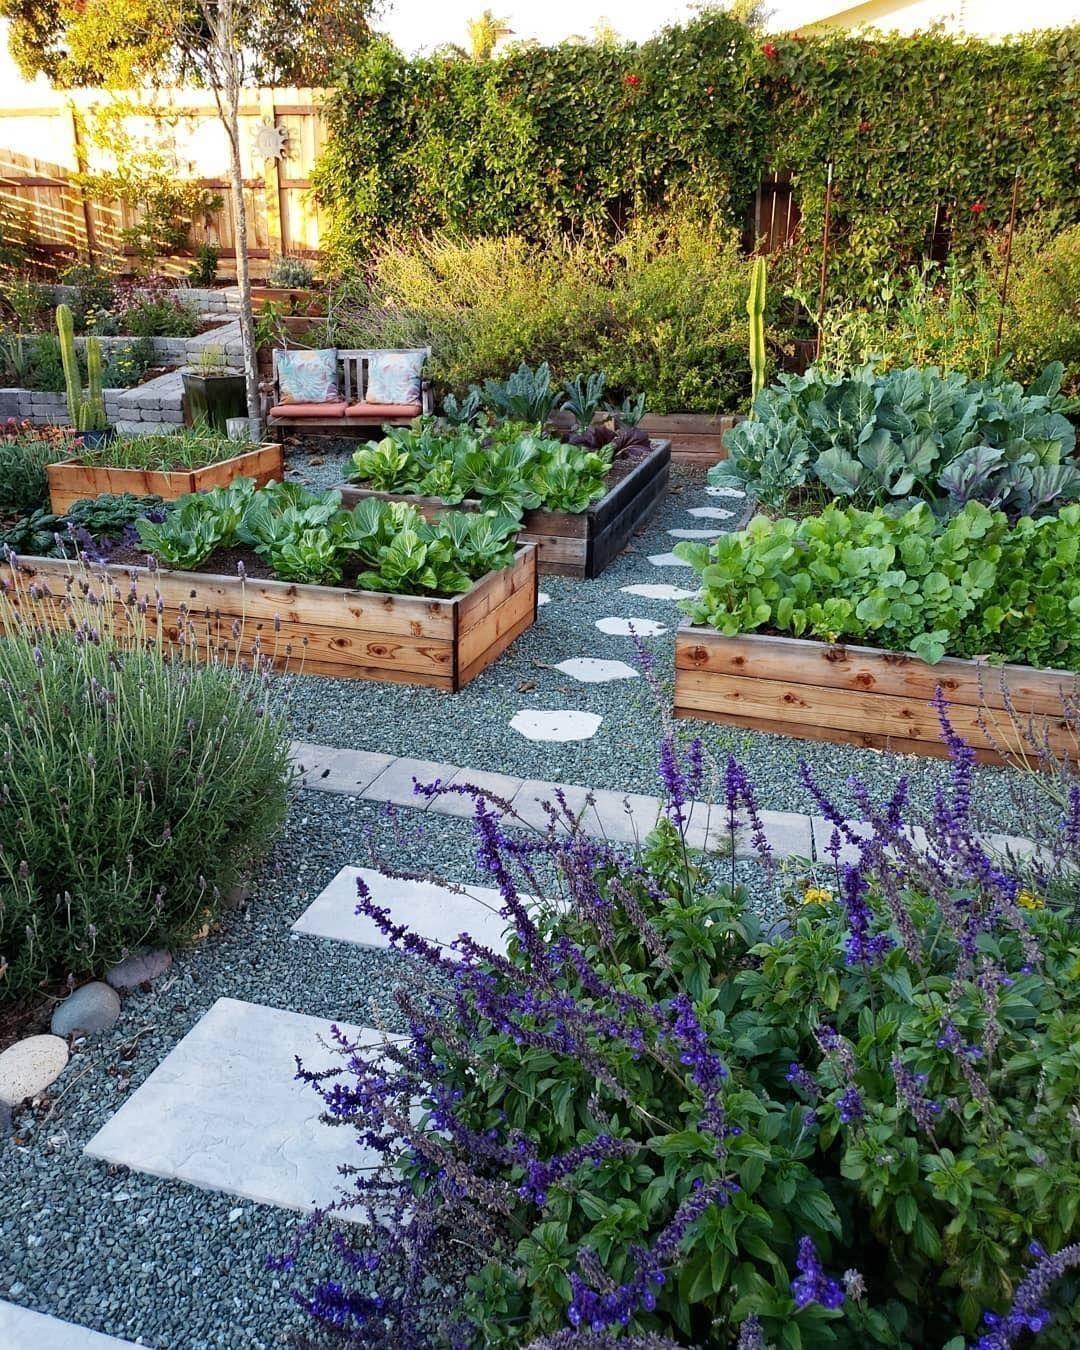 New Snapshots Vegetable garden design Concepts, Trees, it ...